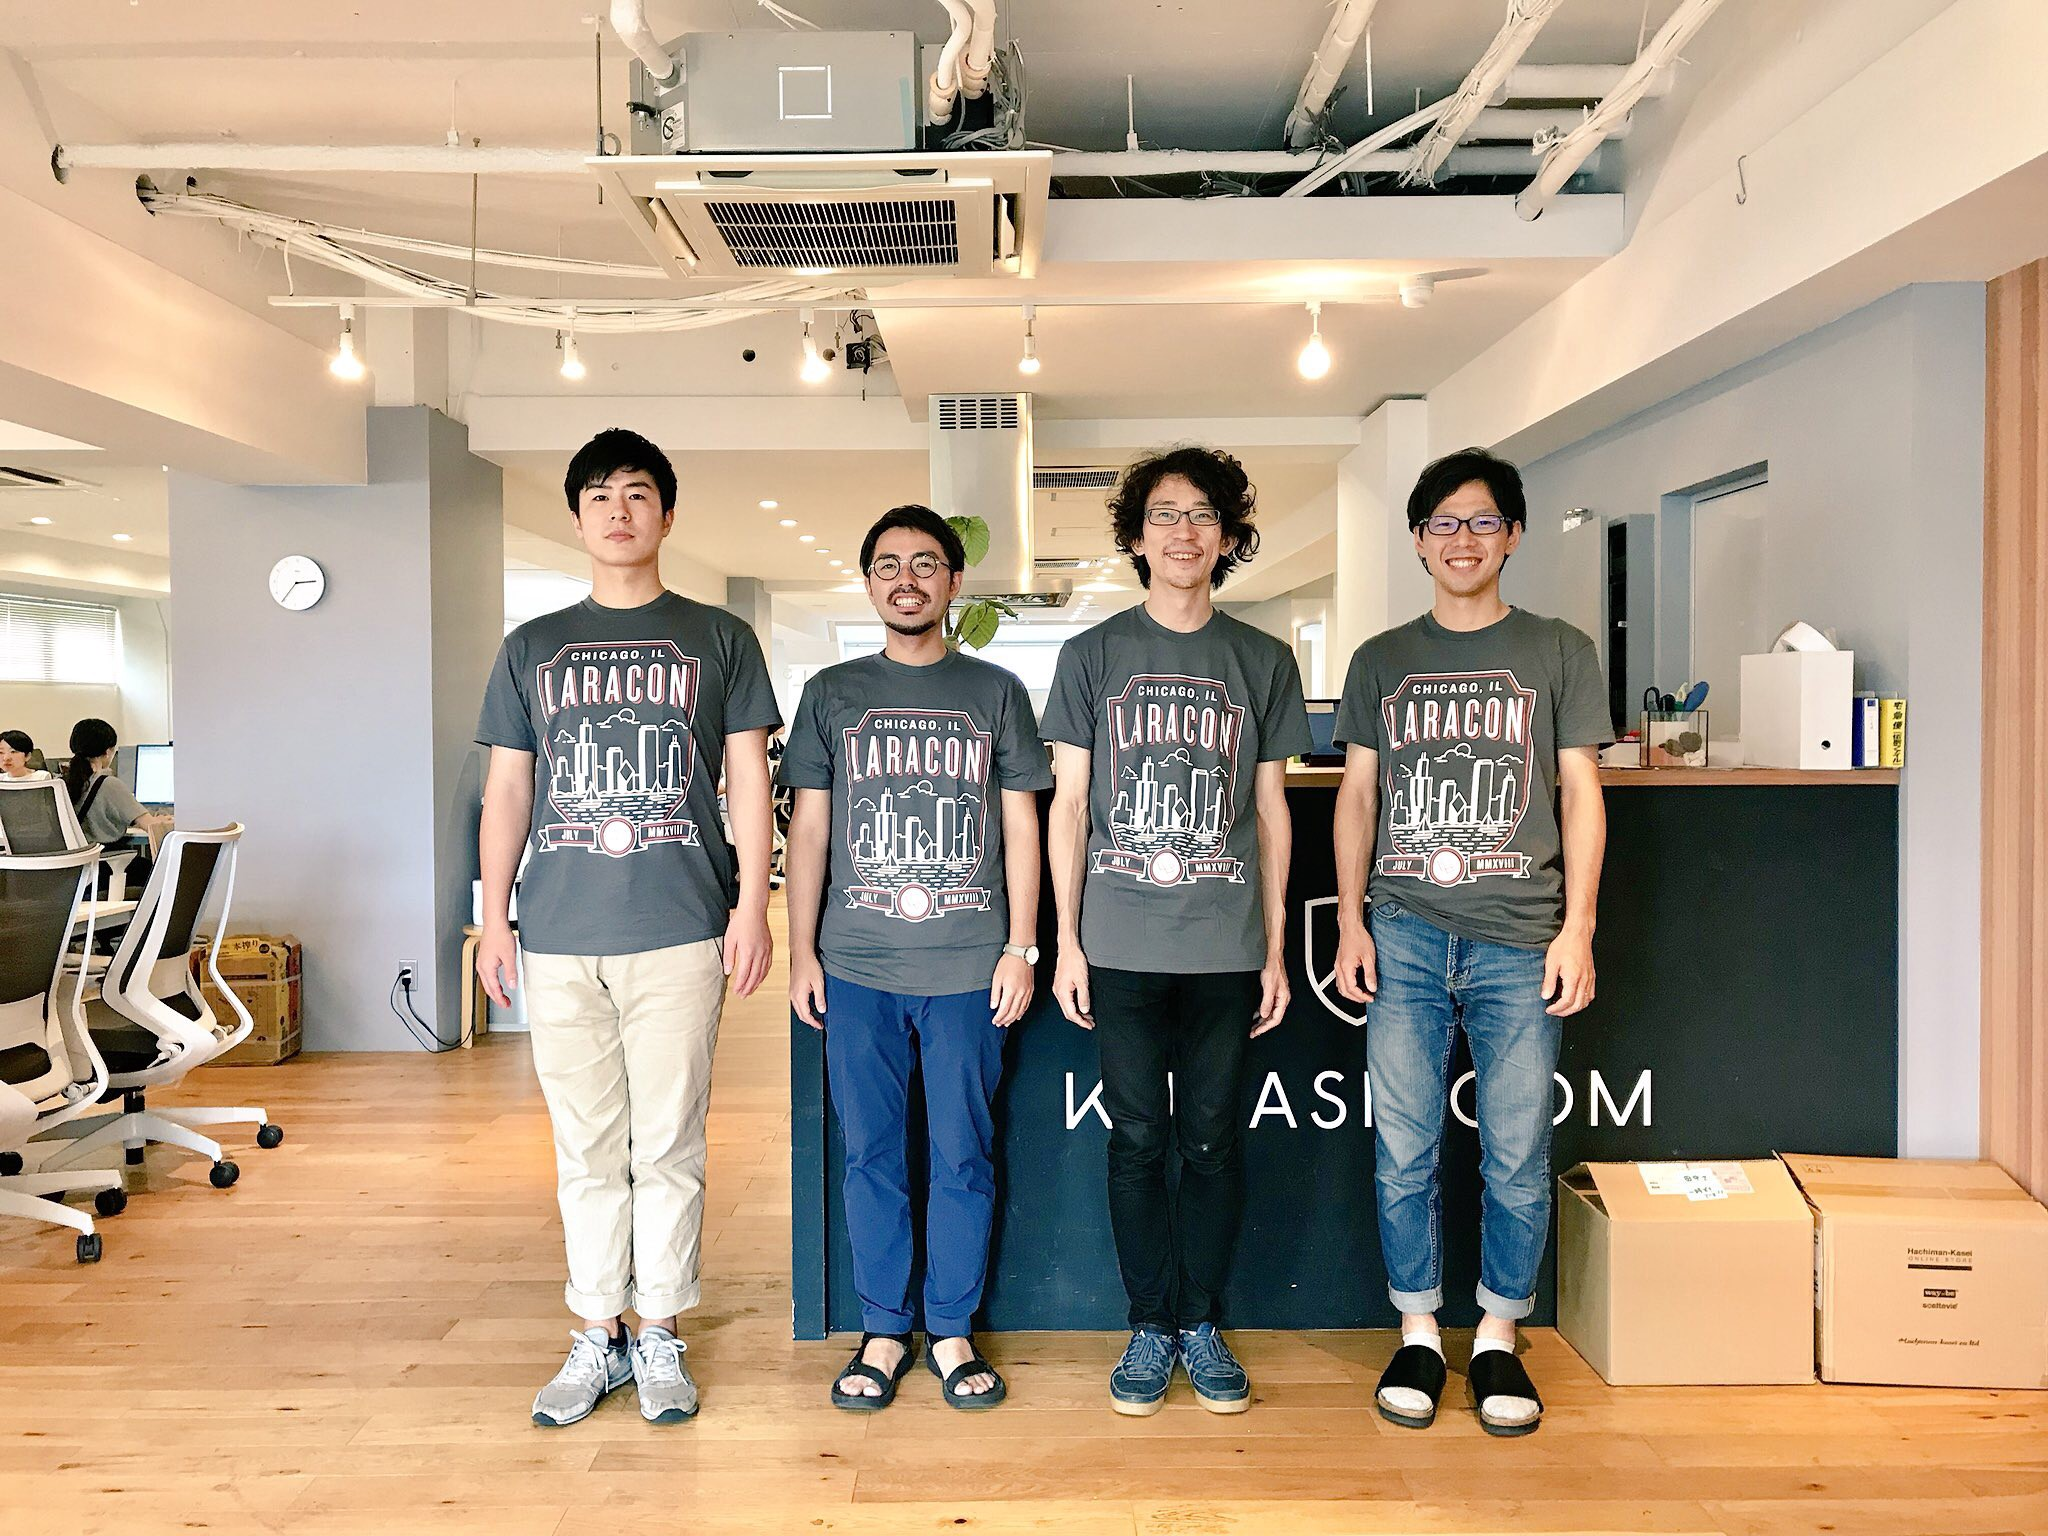 My dev team in Japan. Kurashicom Inc.